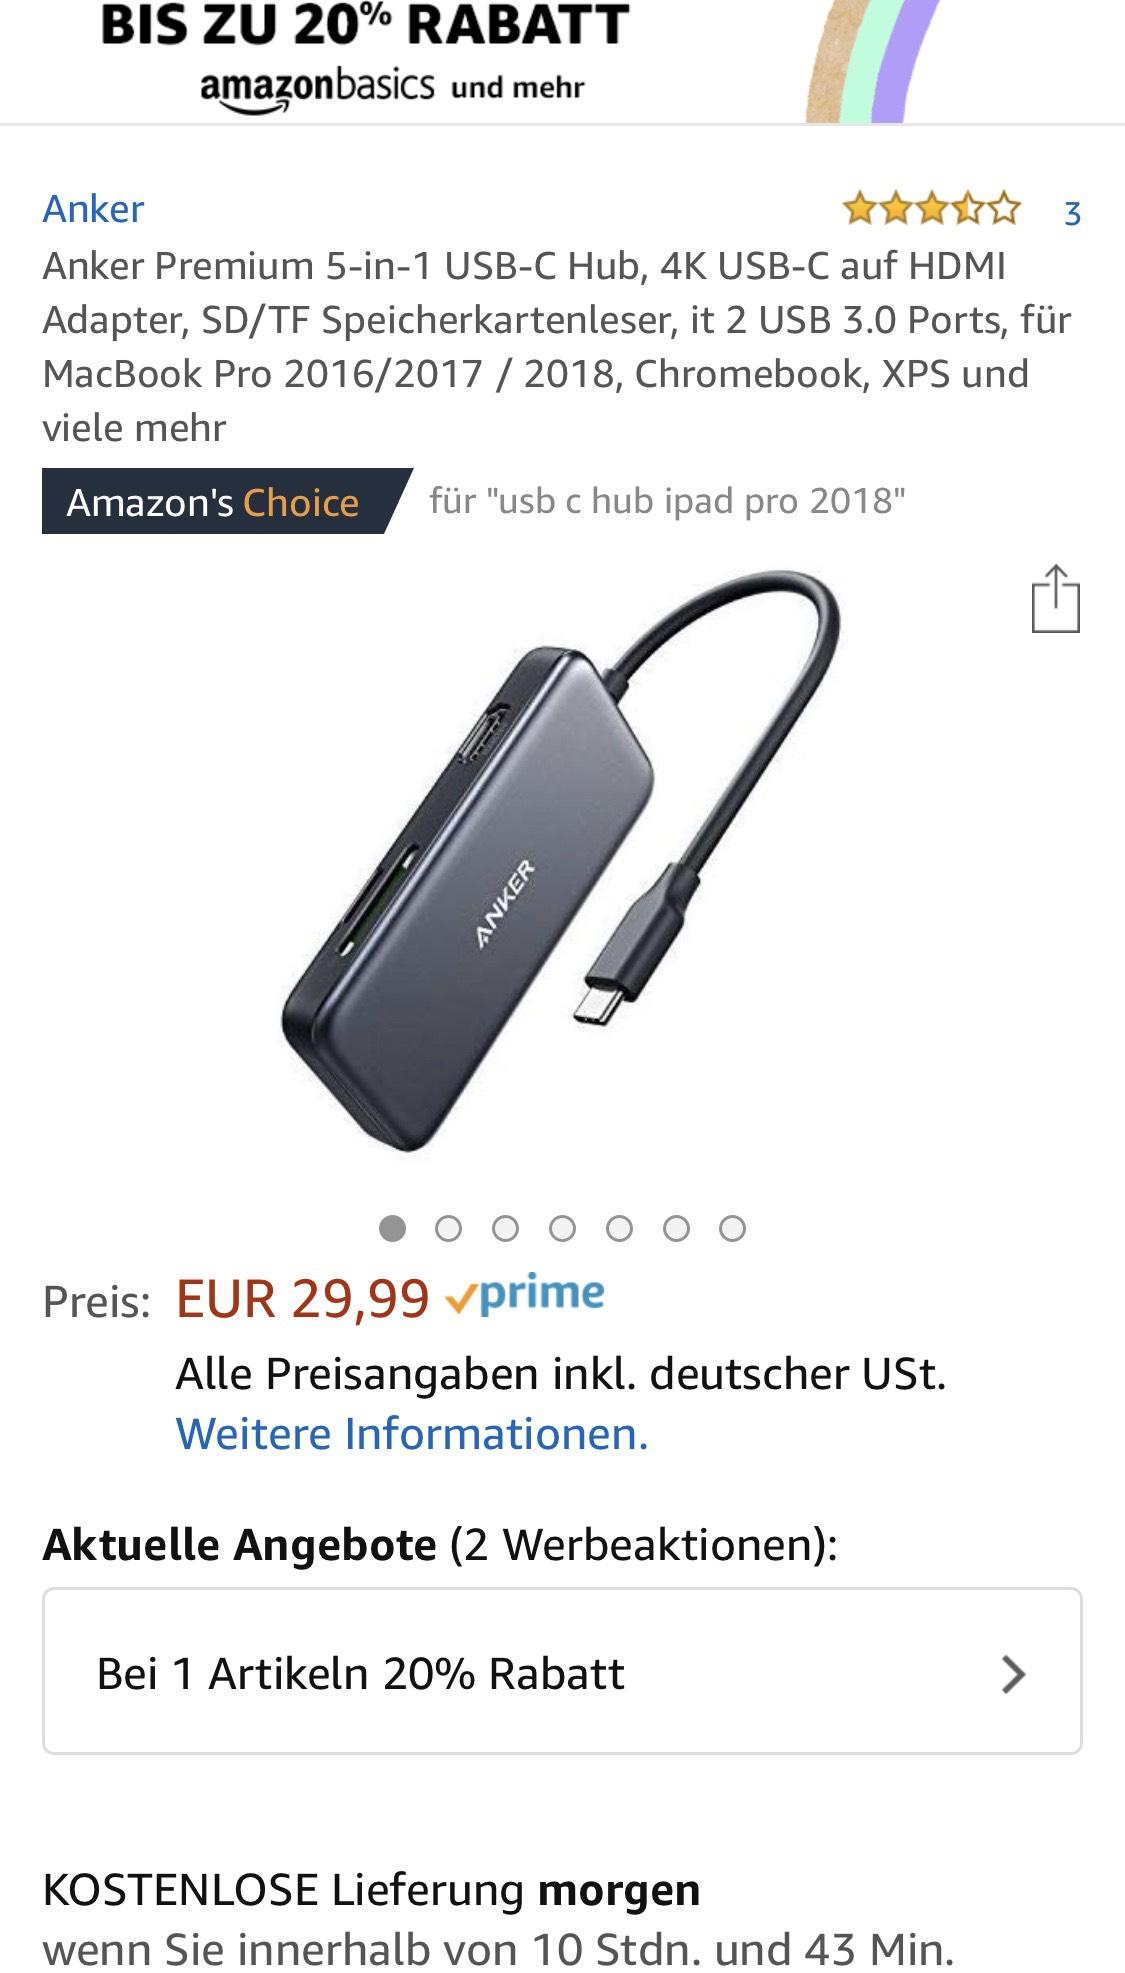 Anker Premium 5-in-1 USB-C Hub